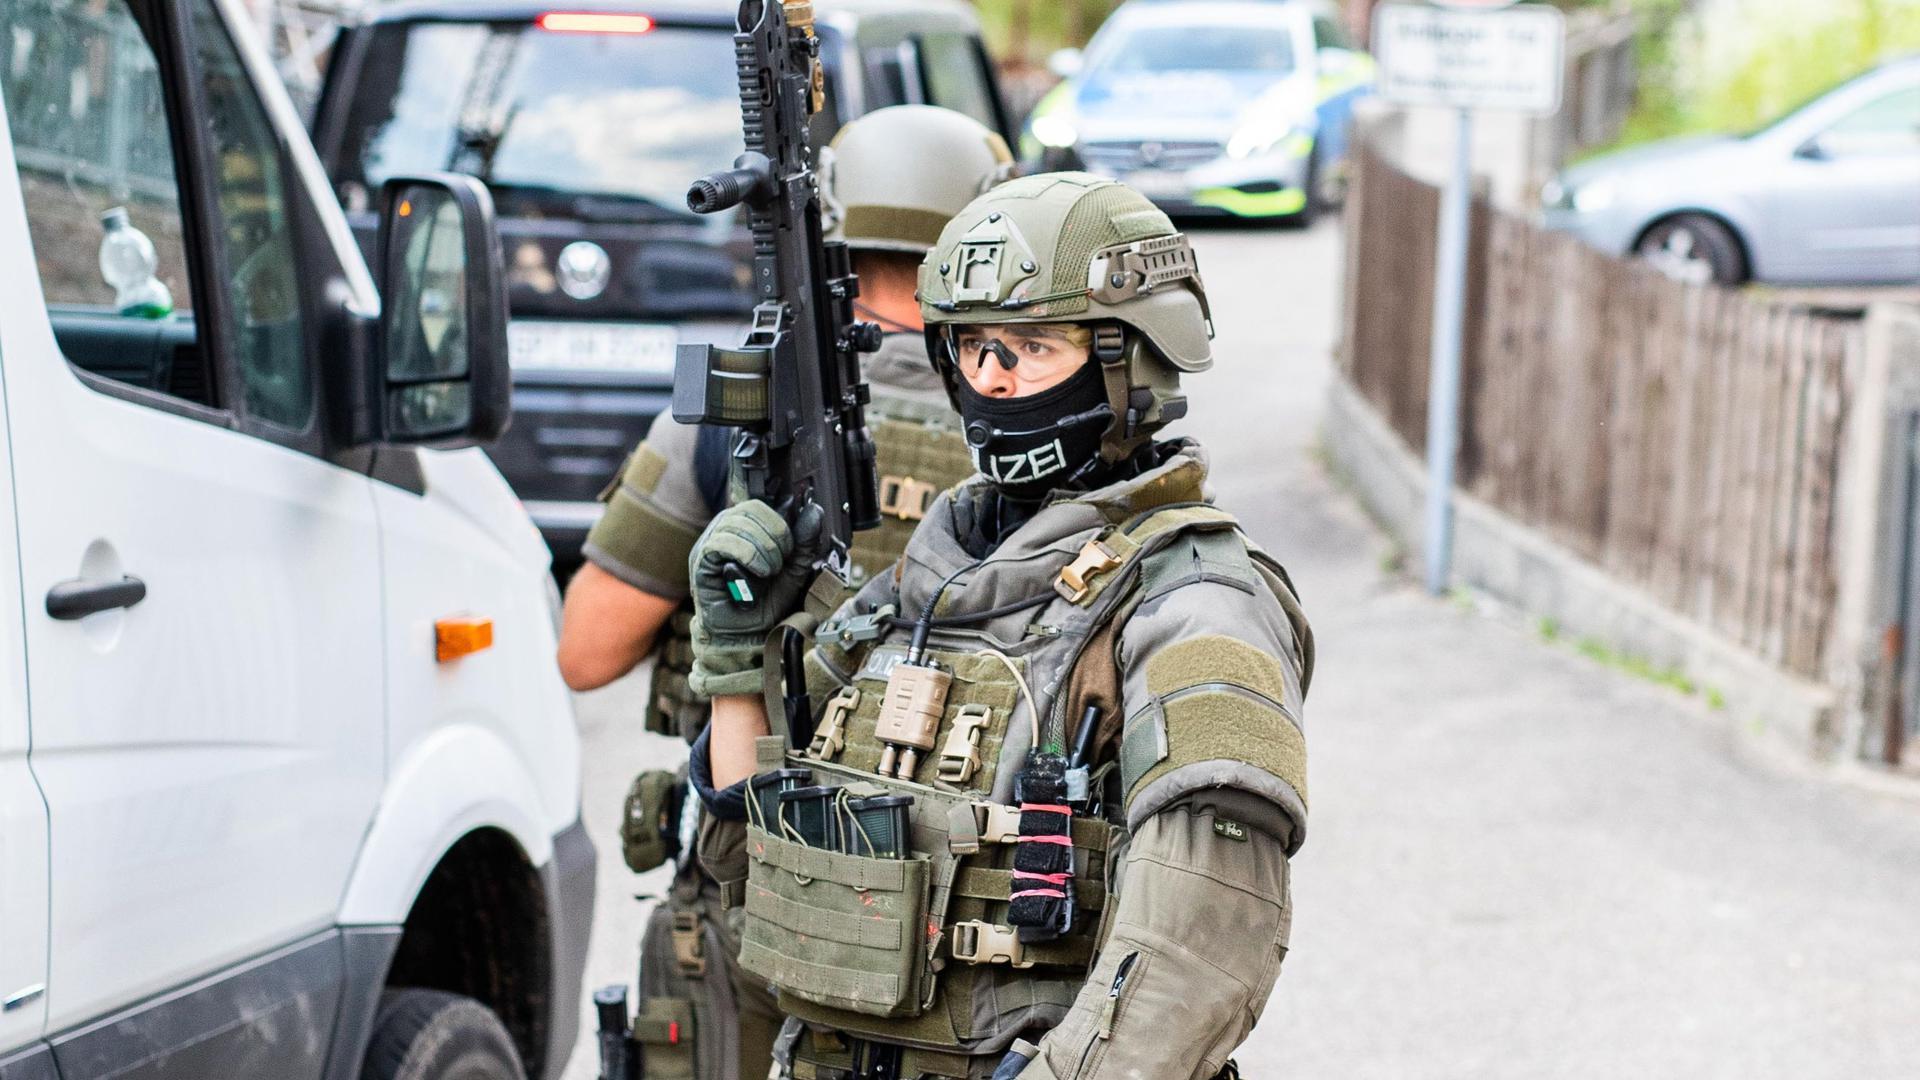 Polizisten des Sondereinsatzkommandos SEK stehen in einem Wohngebiet am Rand von Oppenau.